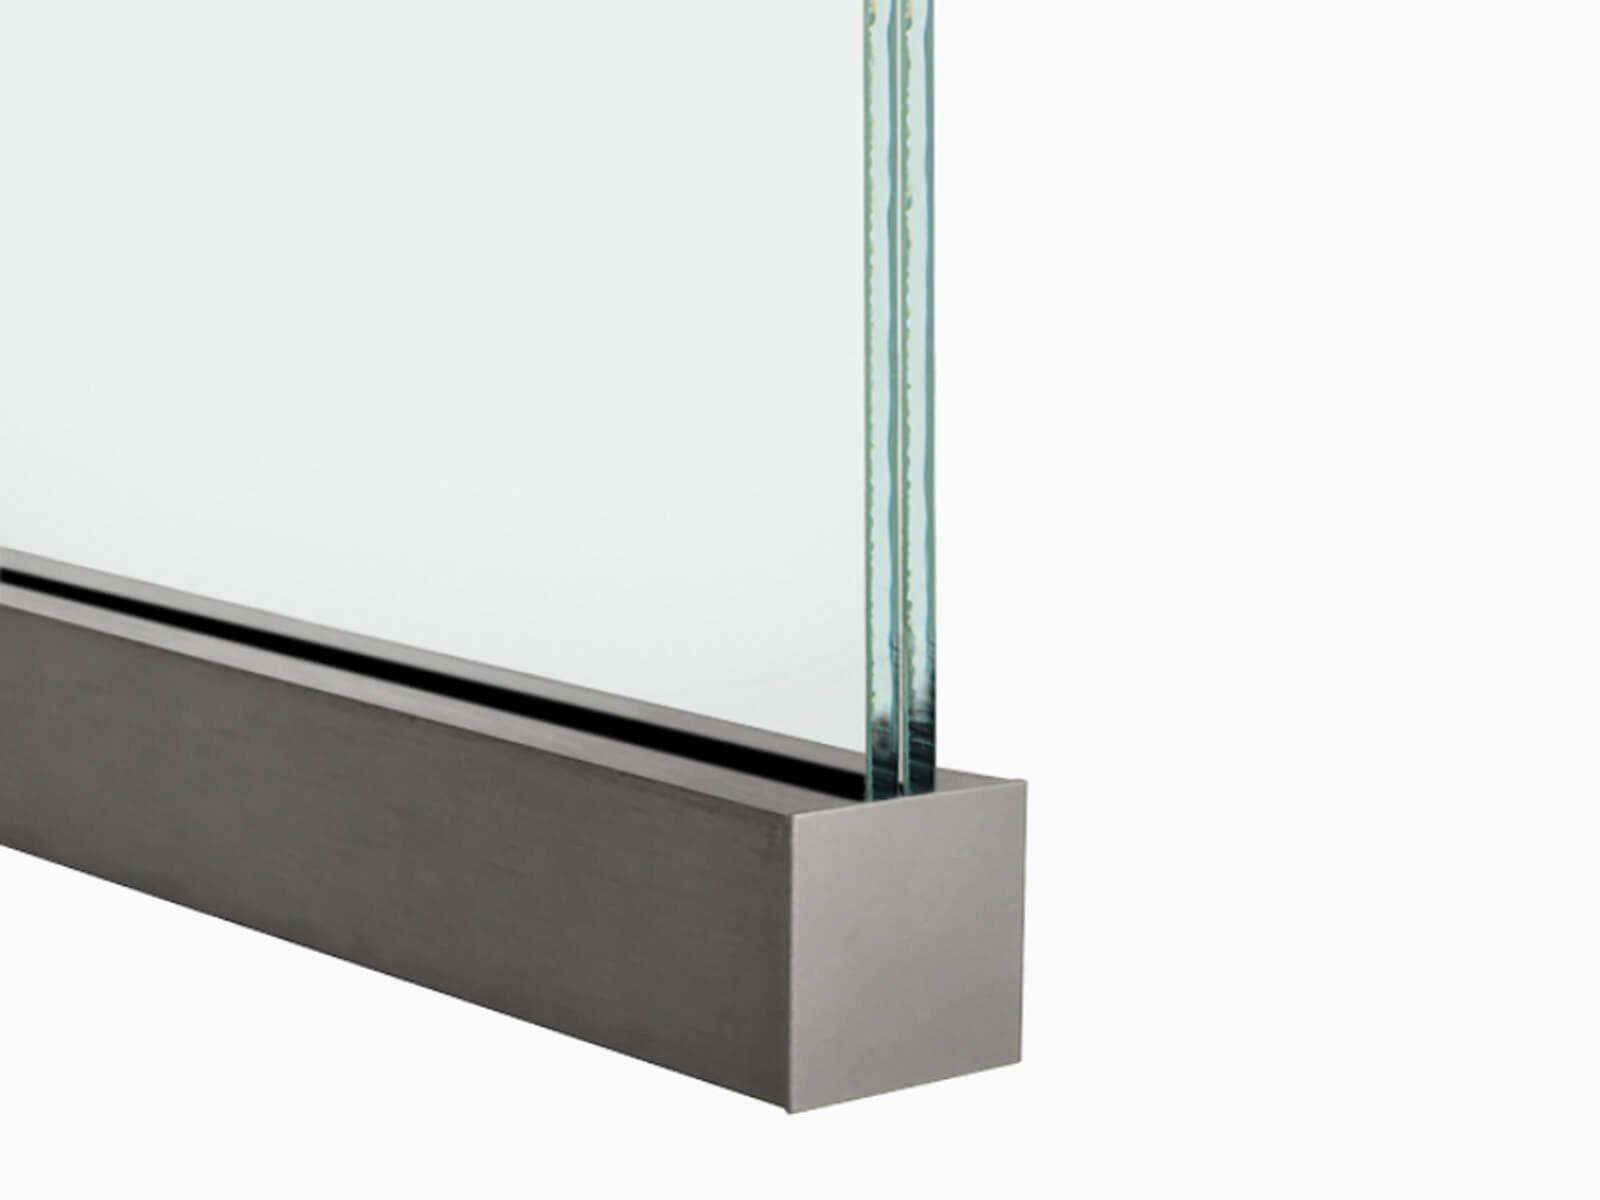 trennwand-profil-slim-protect-mit-glasscheibe